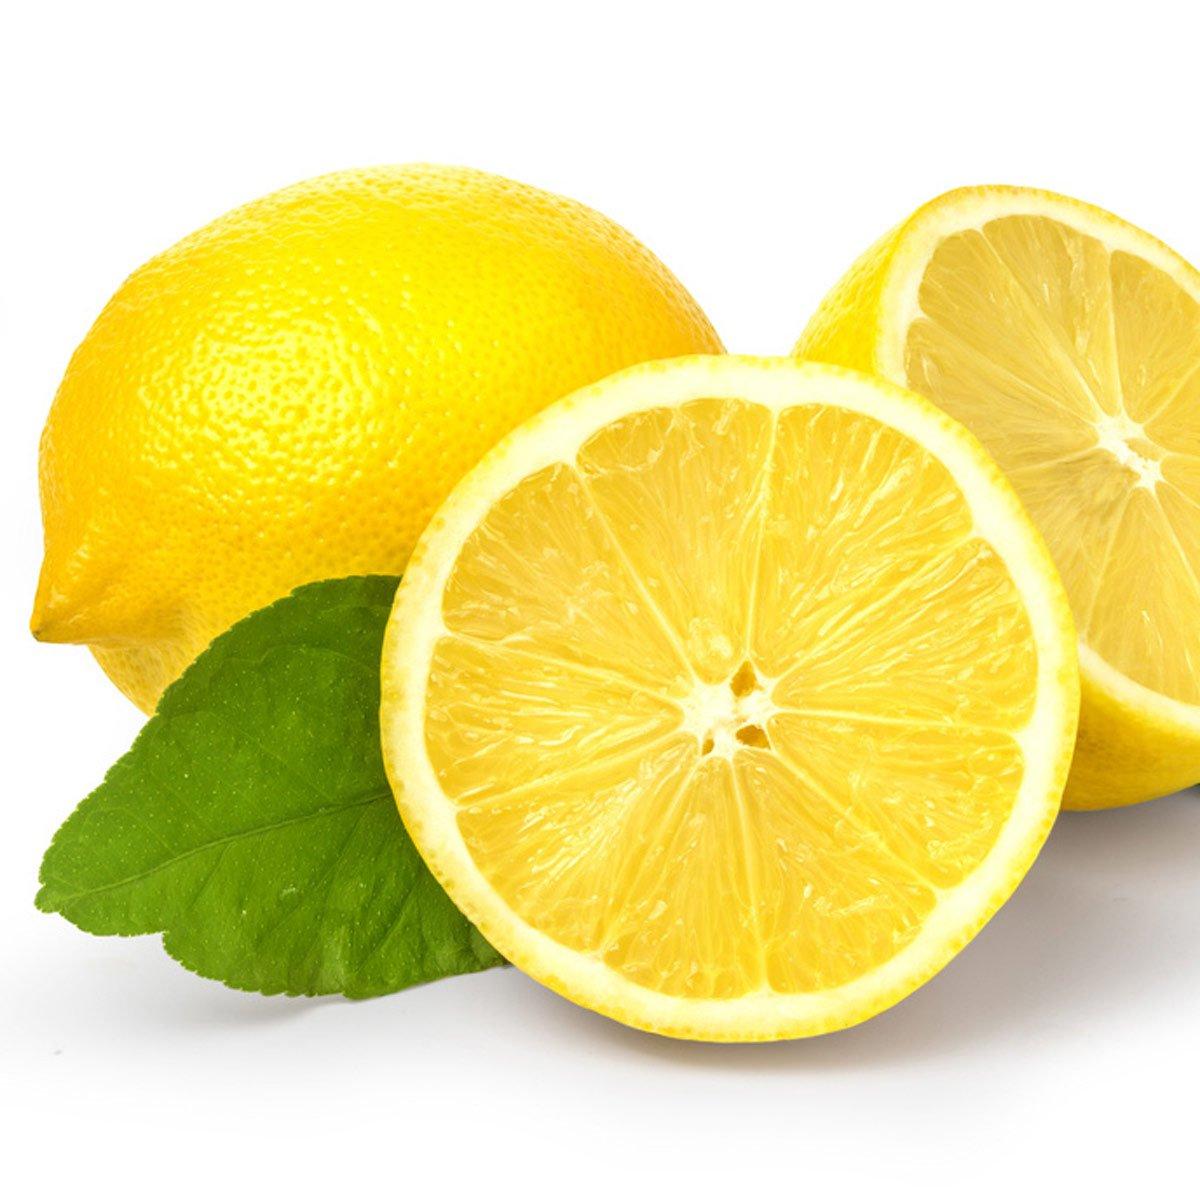 الليمون لازالة البثور من الوجه